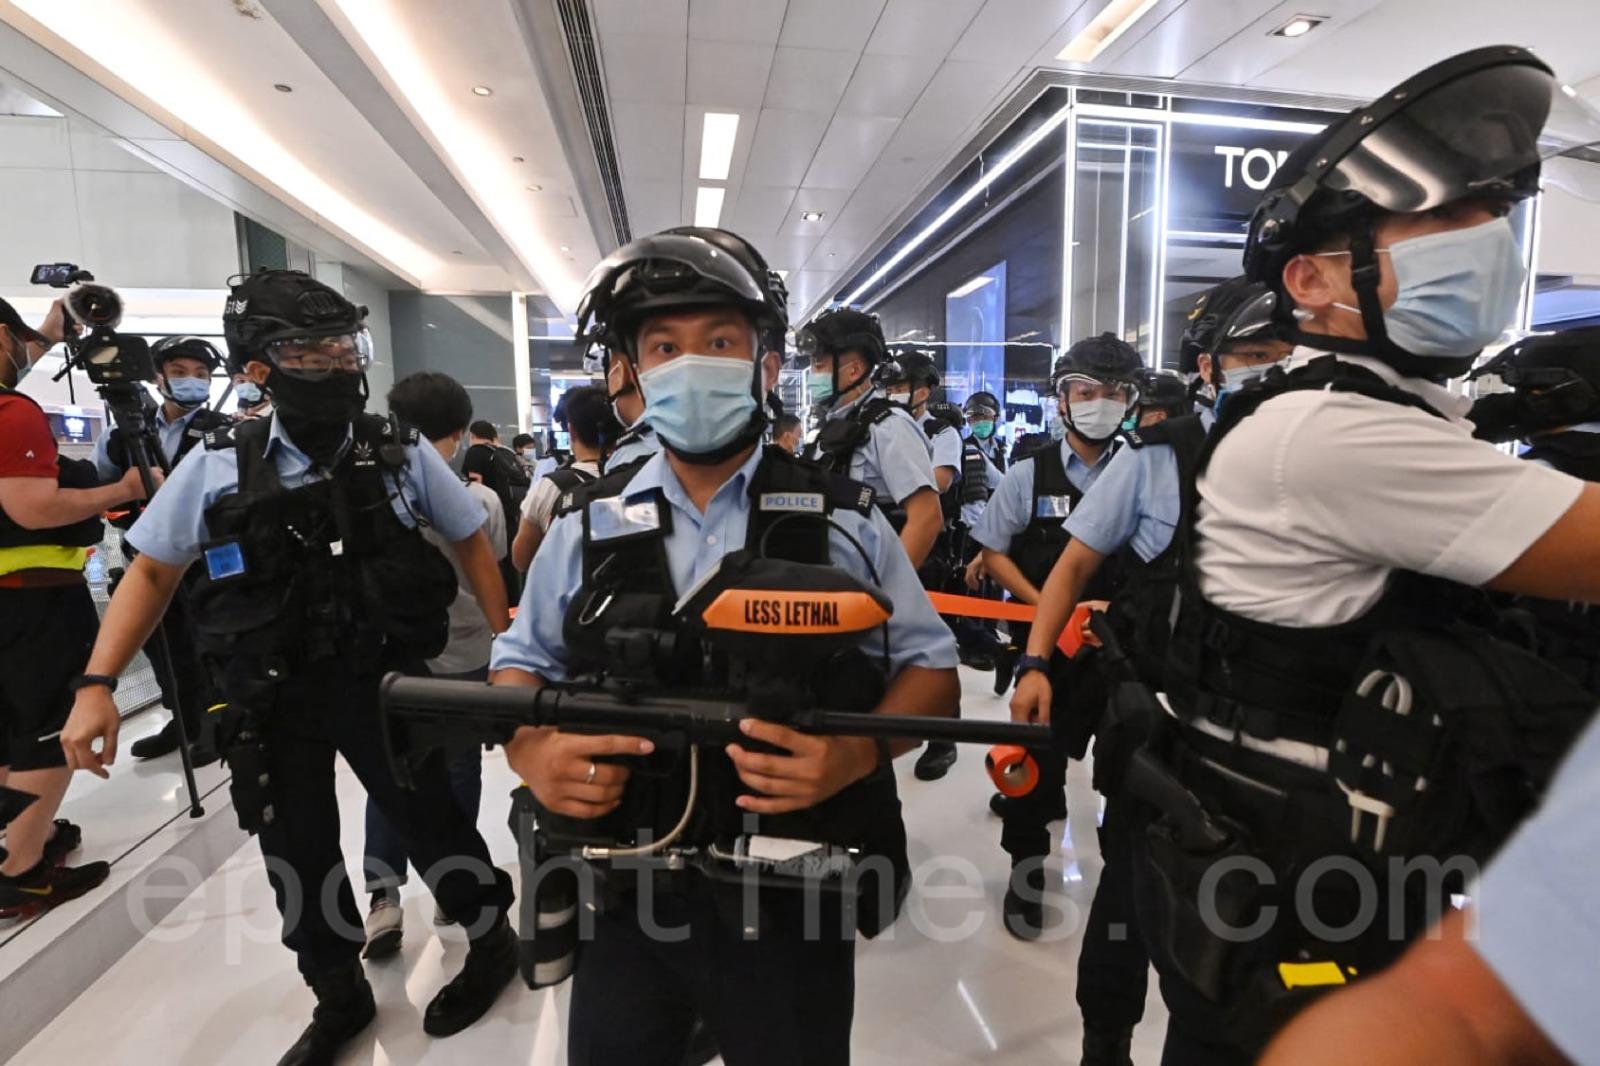 有大批警察進入商場,搜查市民,有至少1名年輕人被捕。(宋碧龍/大紀元)